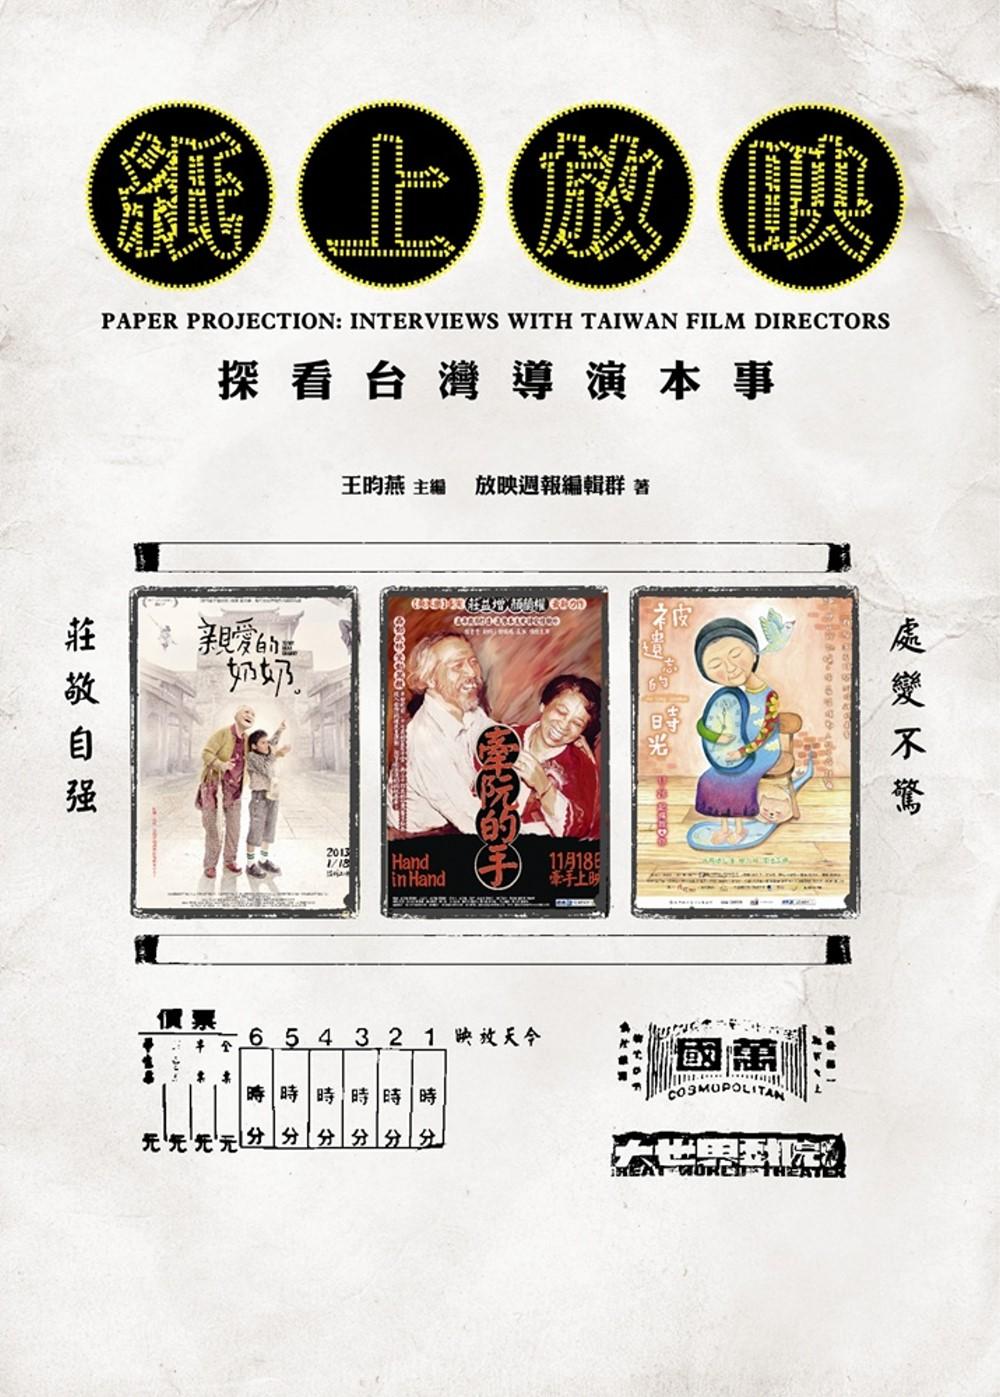 紙上放映:探看台灣導演本事